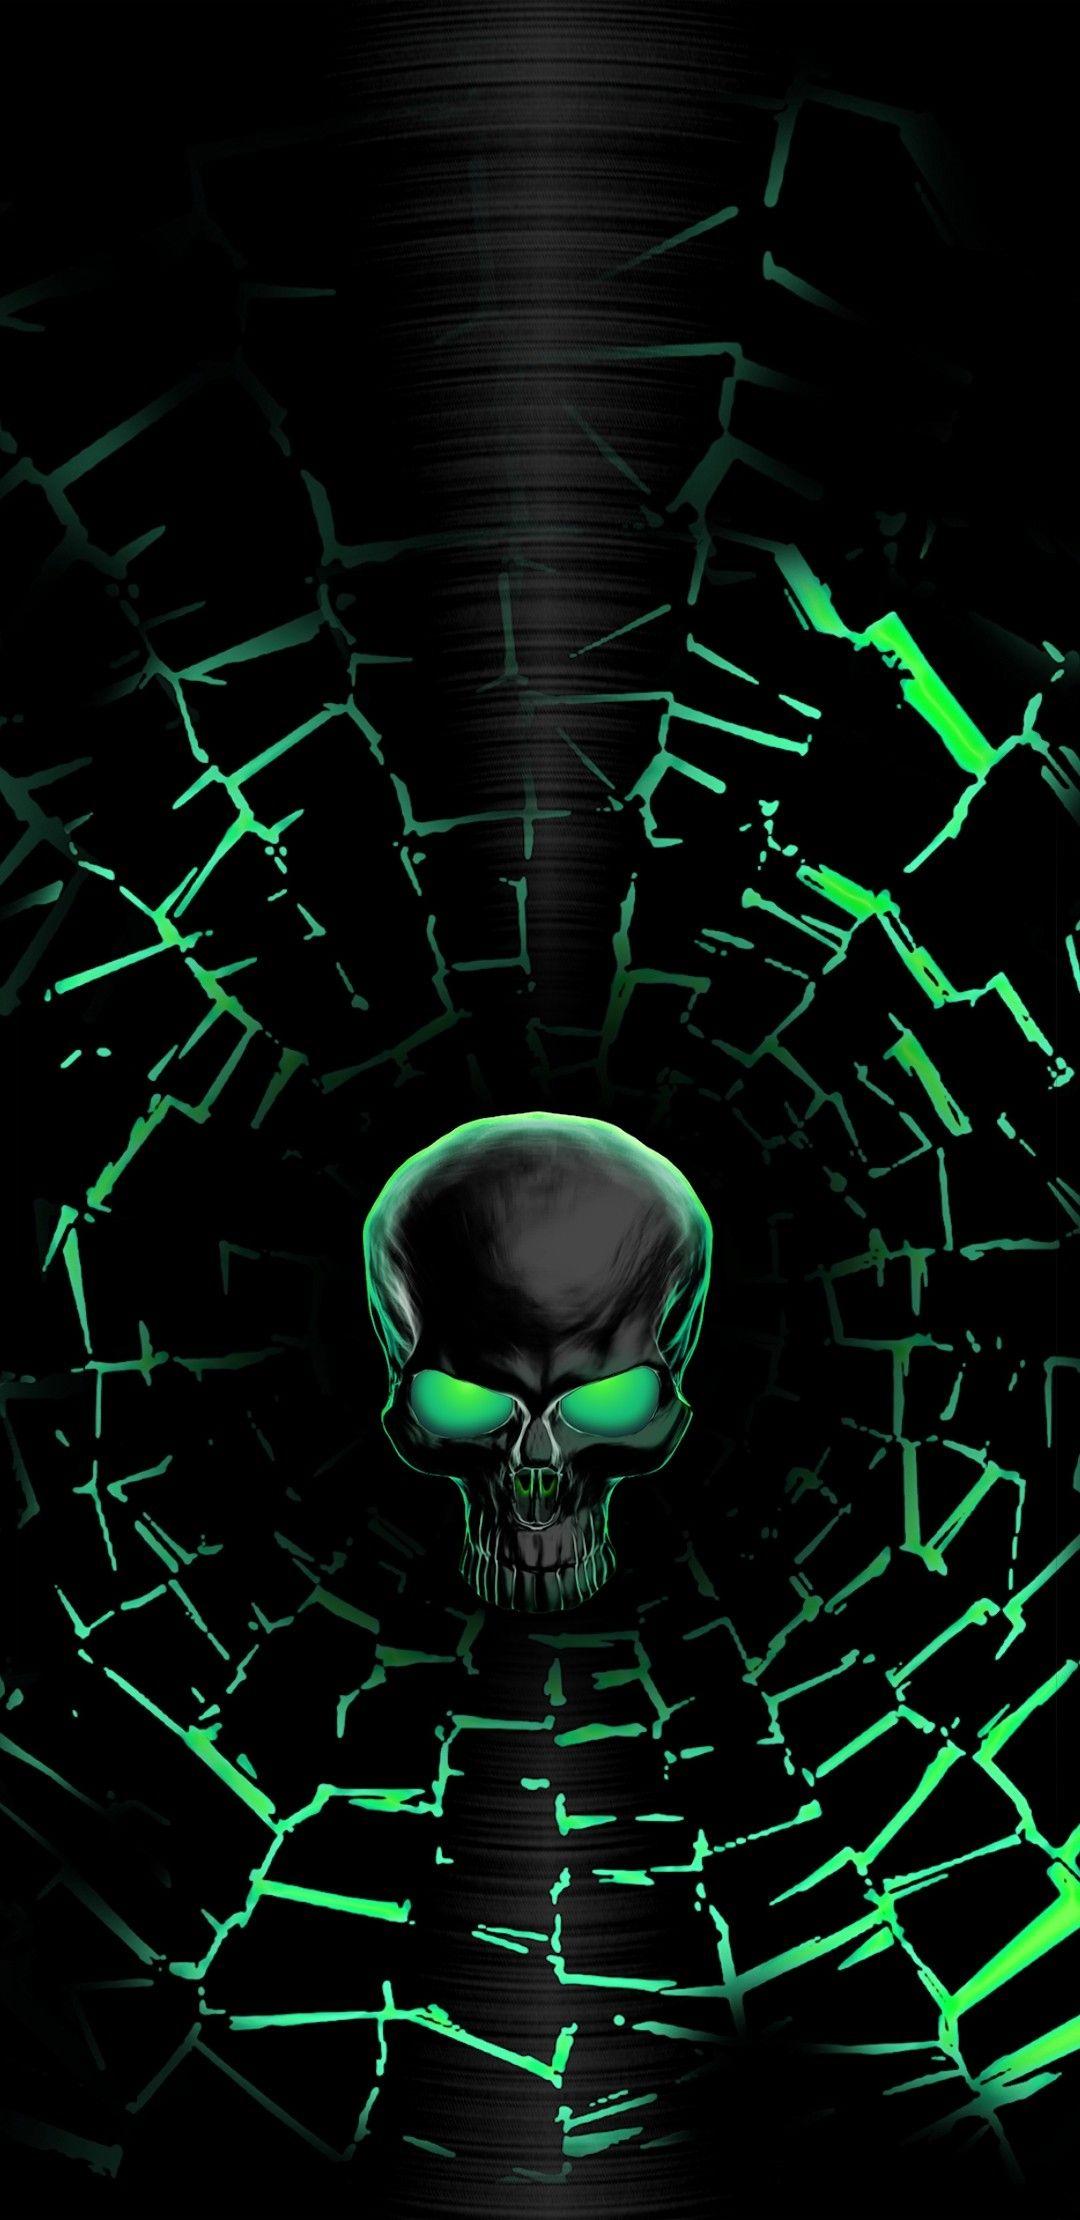 Love Green Skulls Skull Wallpaper Skull Art Skull Artwork